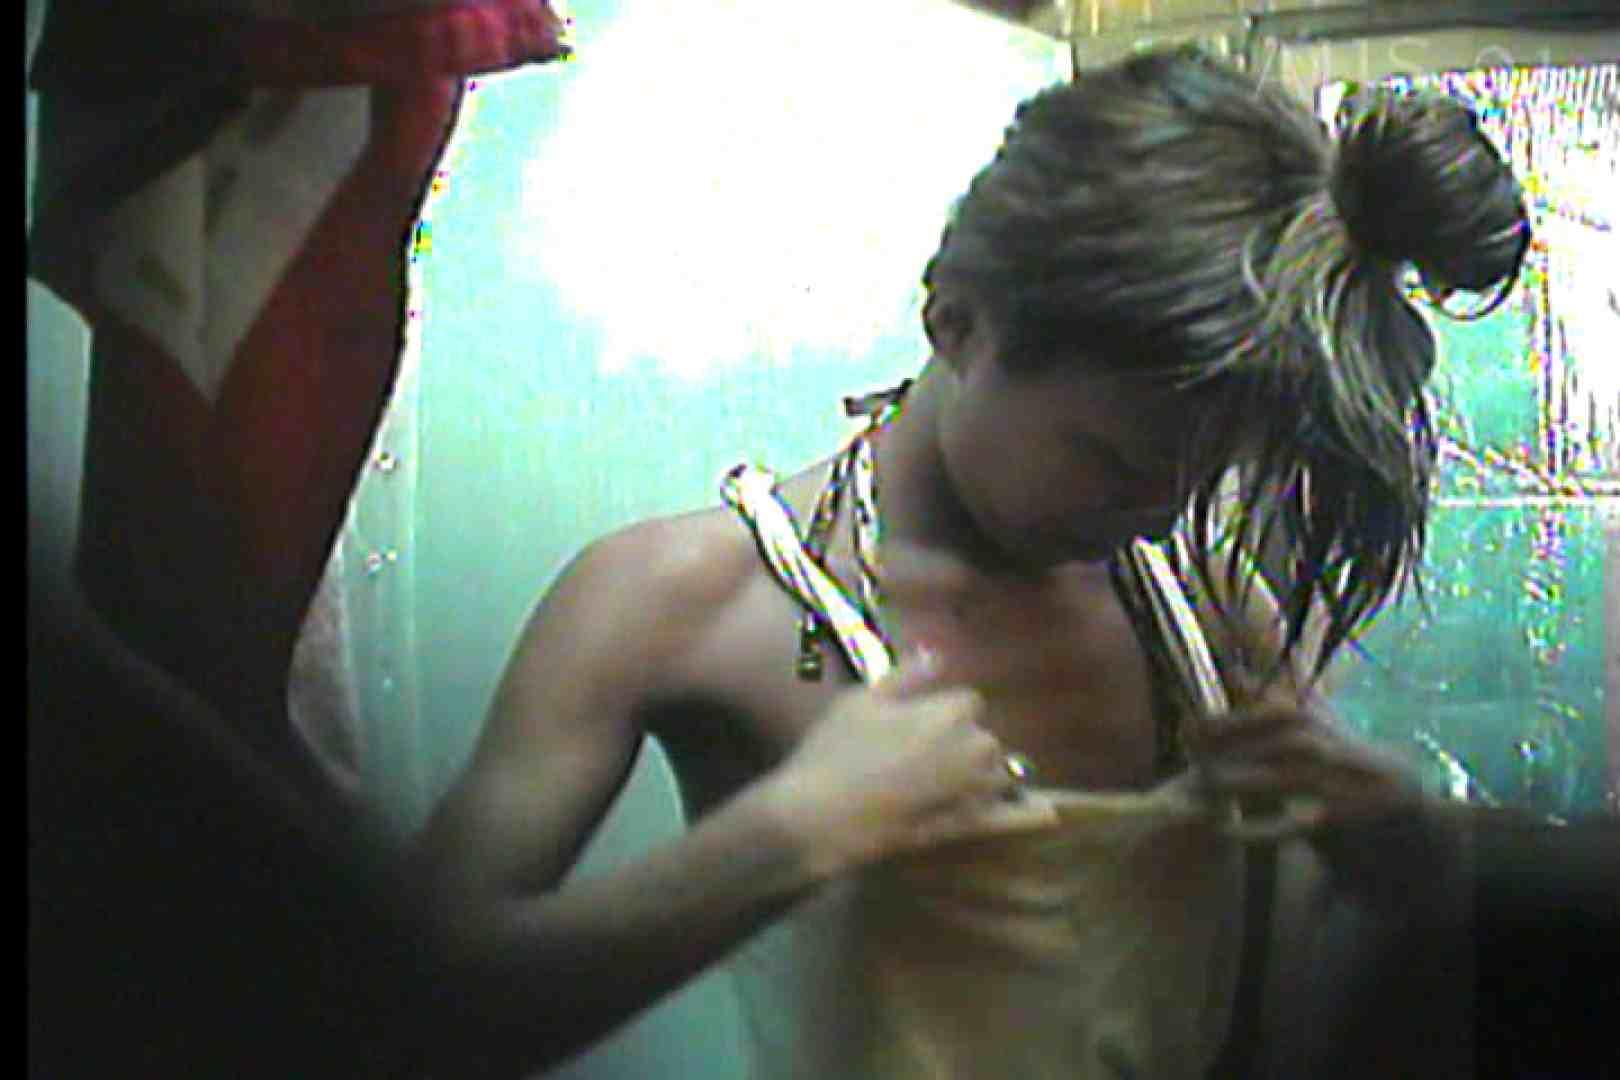 海の家の更衣室 Vol.05 シャワー室 ワレメ無修正動画無料 82画像 5